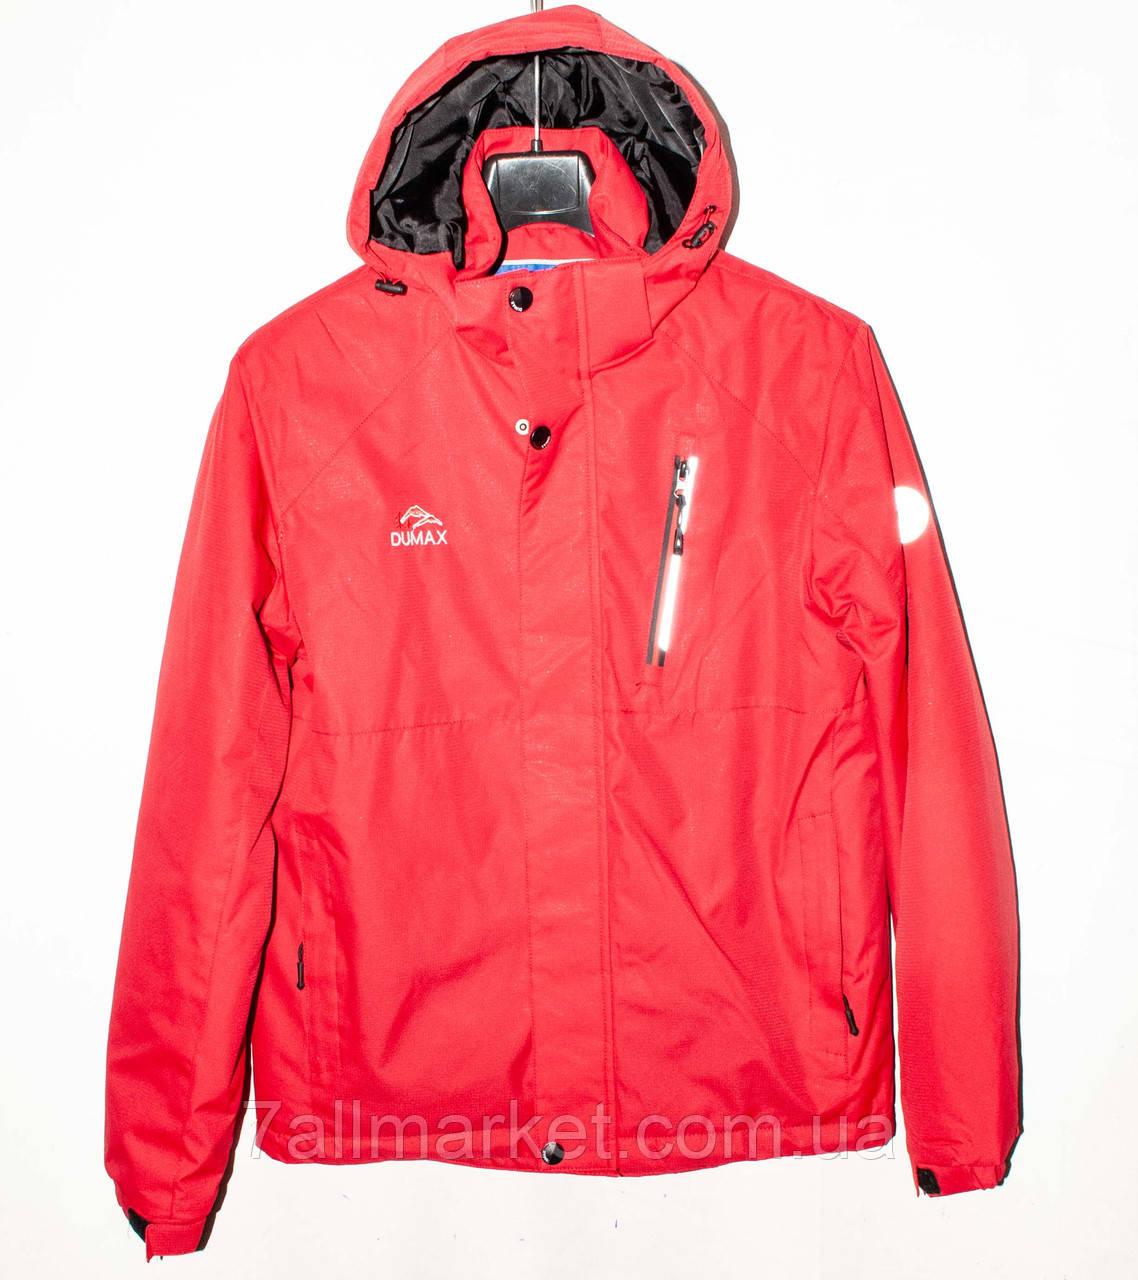 a00d7f56 Куртка-ветровка мужская DUMAX, размеры M-3XL (5 цв,)